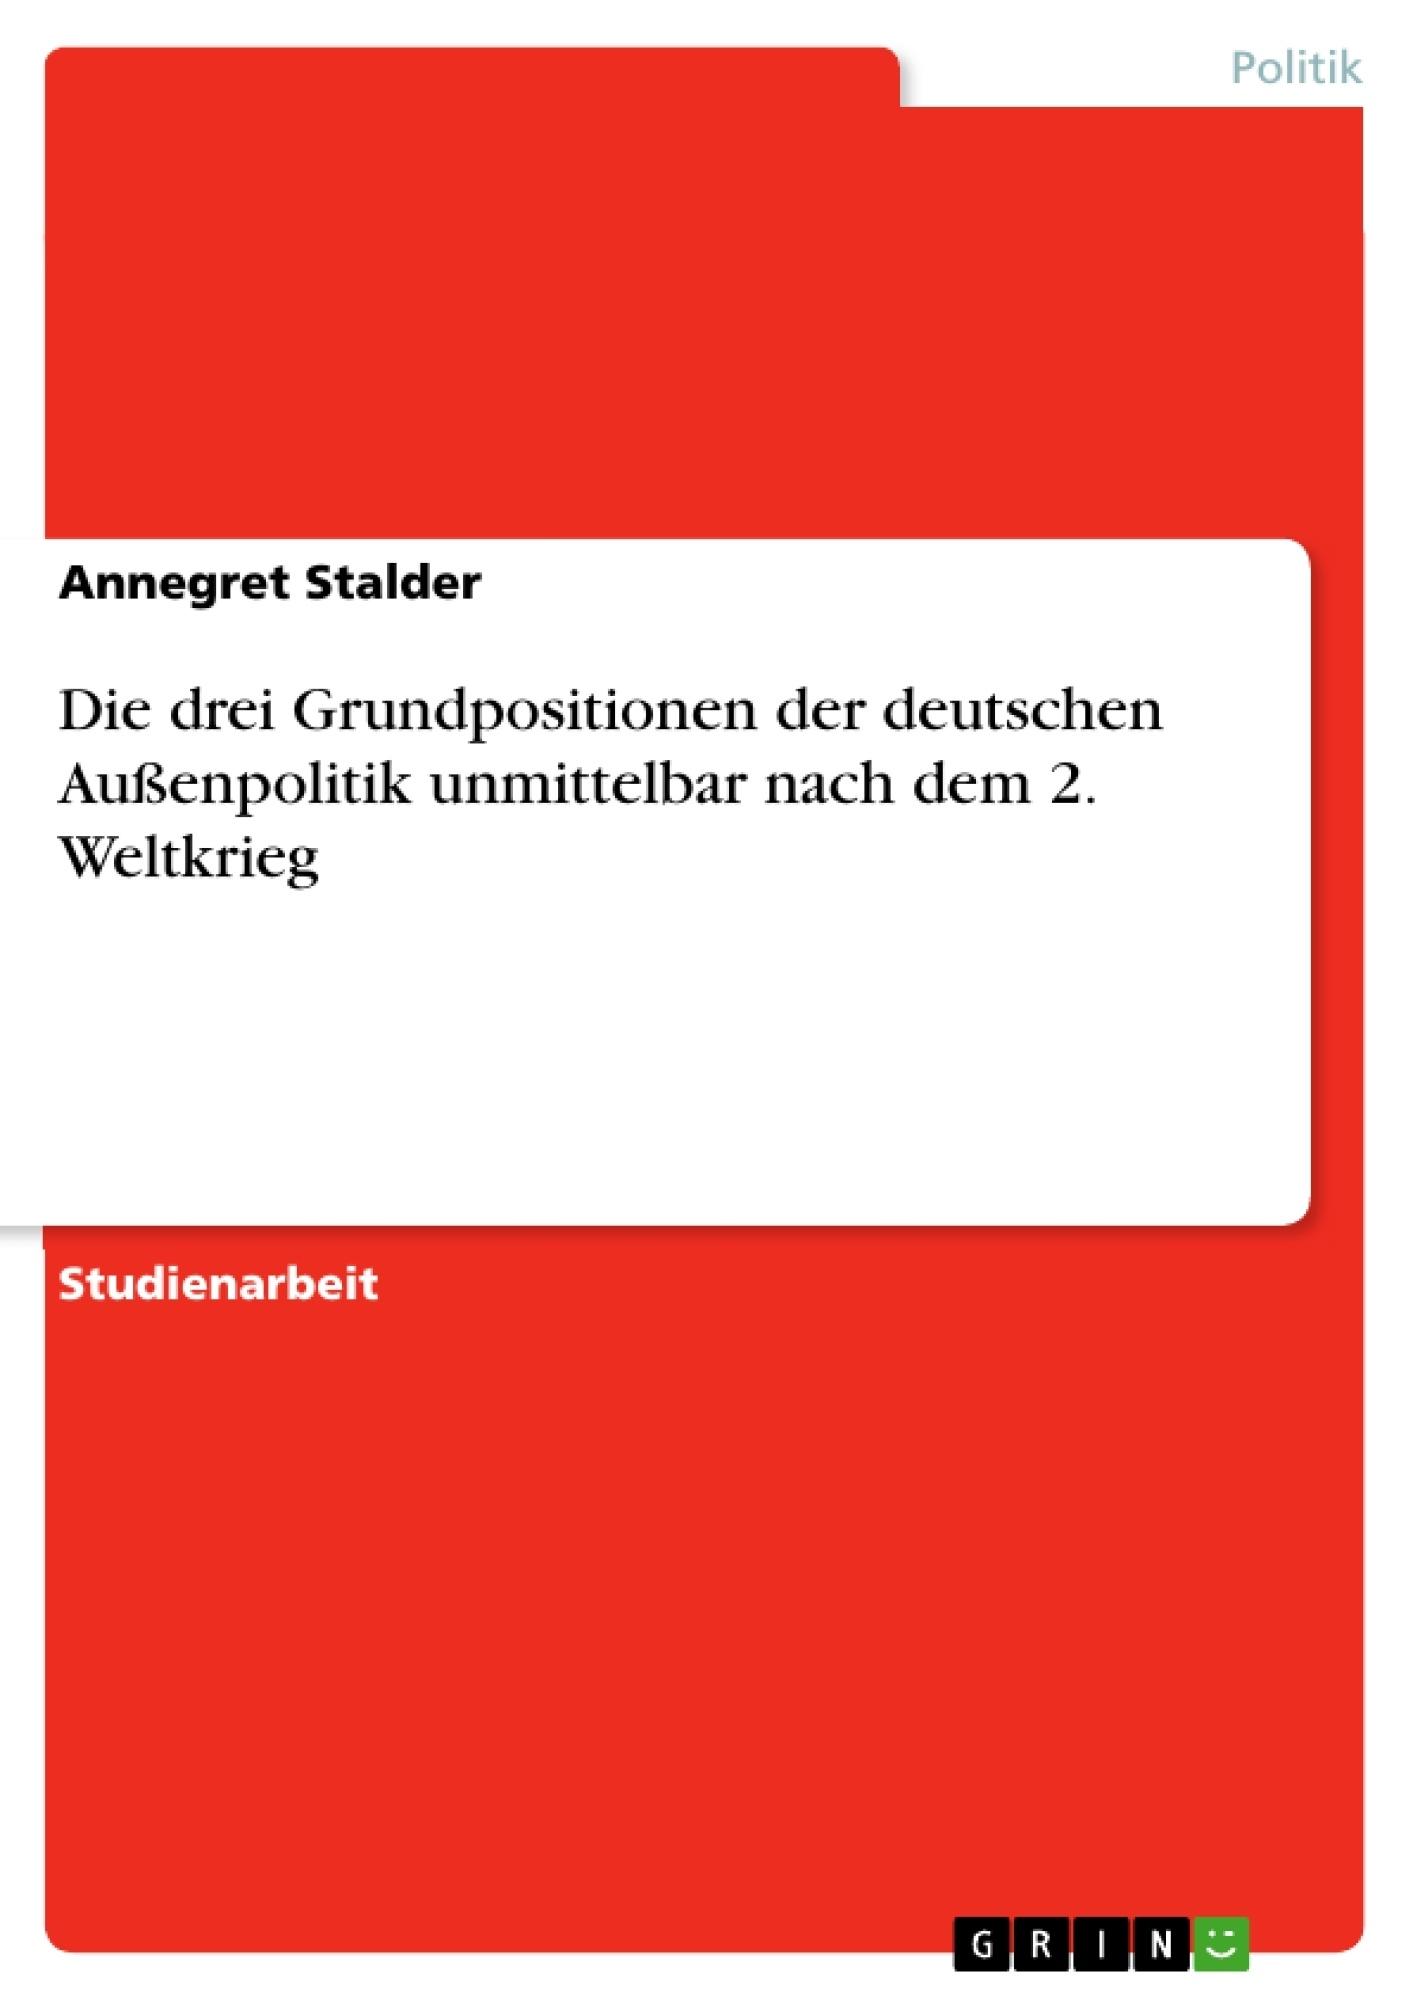 Titel: Die drei Grundpositionen der deutschen Außenpolitik unmittelbar nach dem 2. Weltkrieg